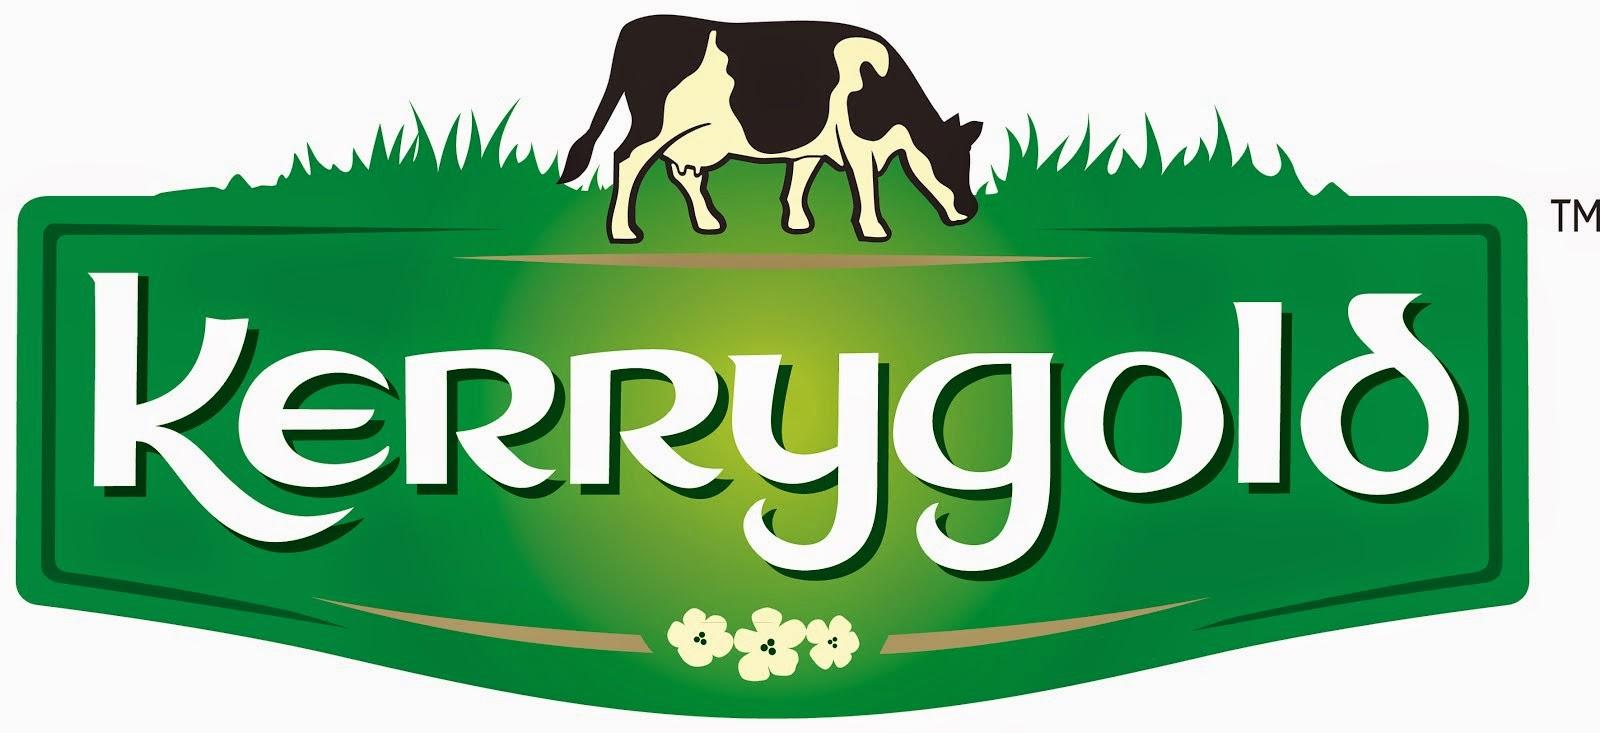 Yo uso Kerrygold porque me gustan las vacas felices